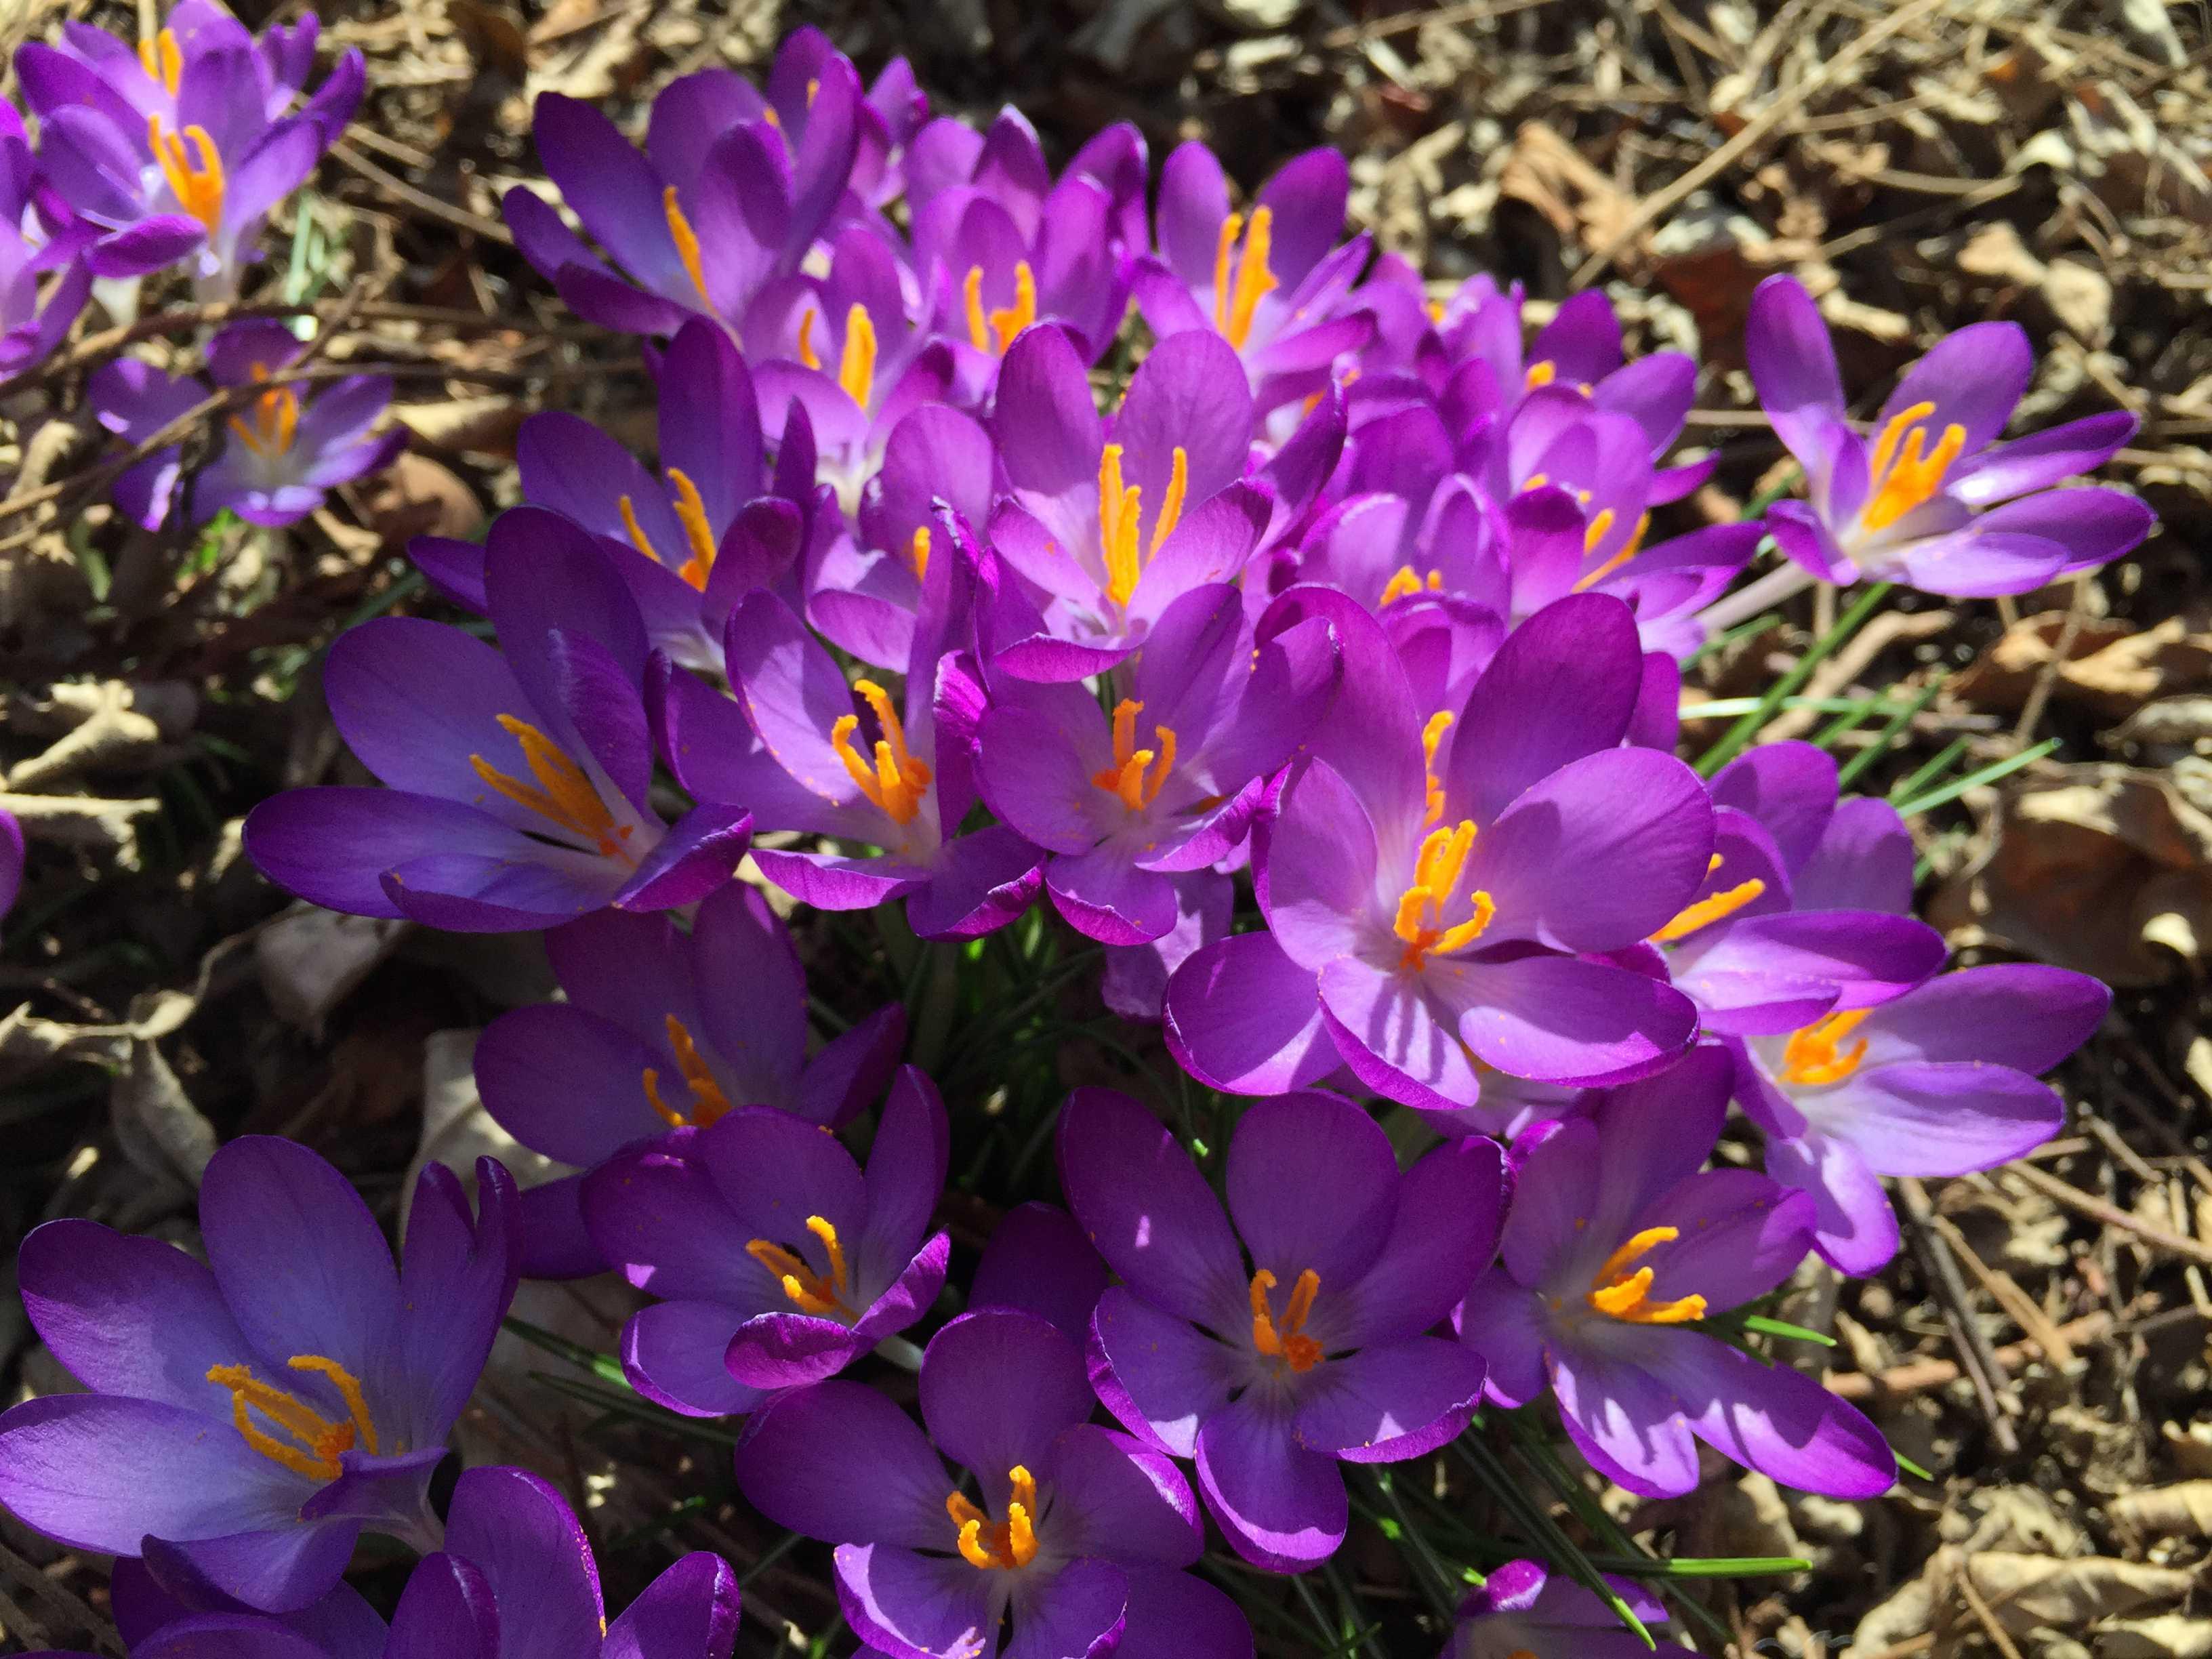 春告花 - 紫色のクロッカス